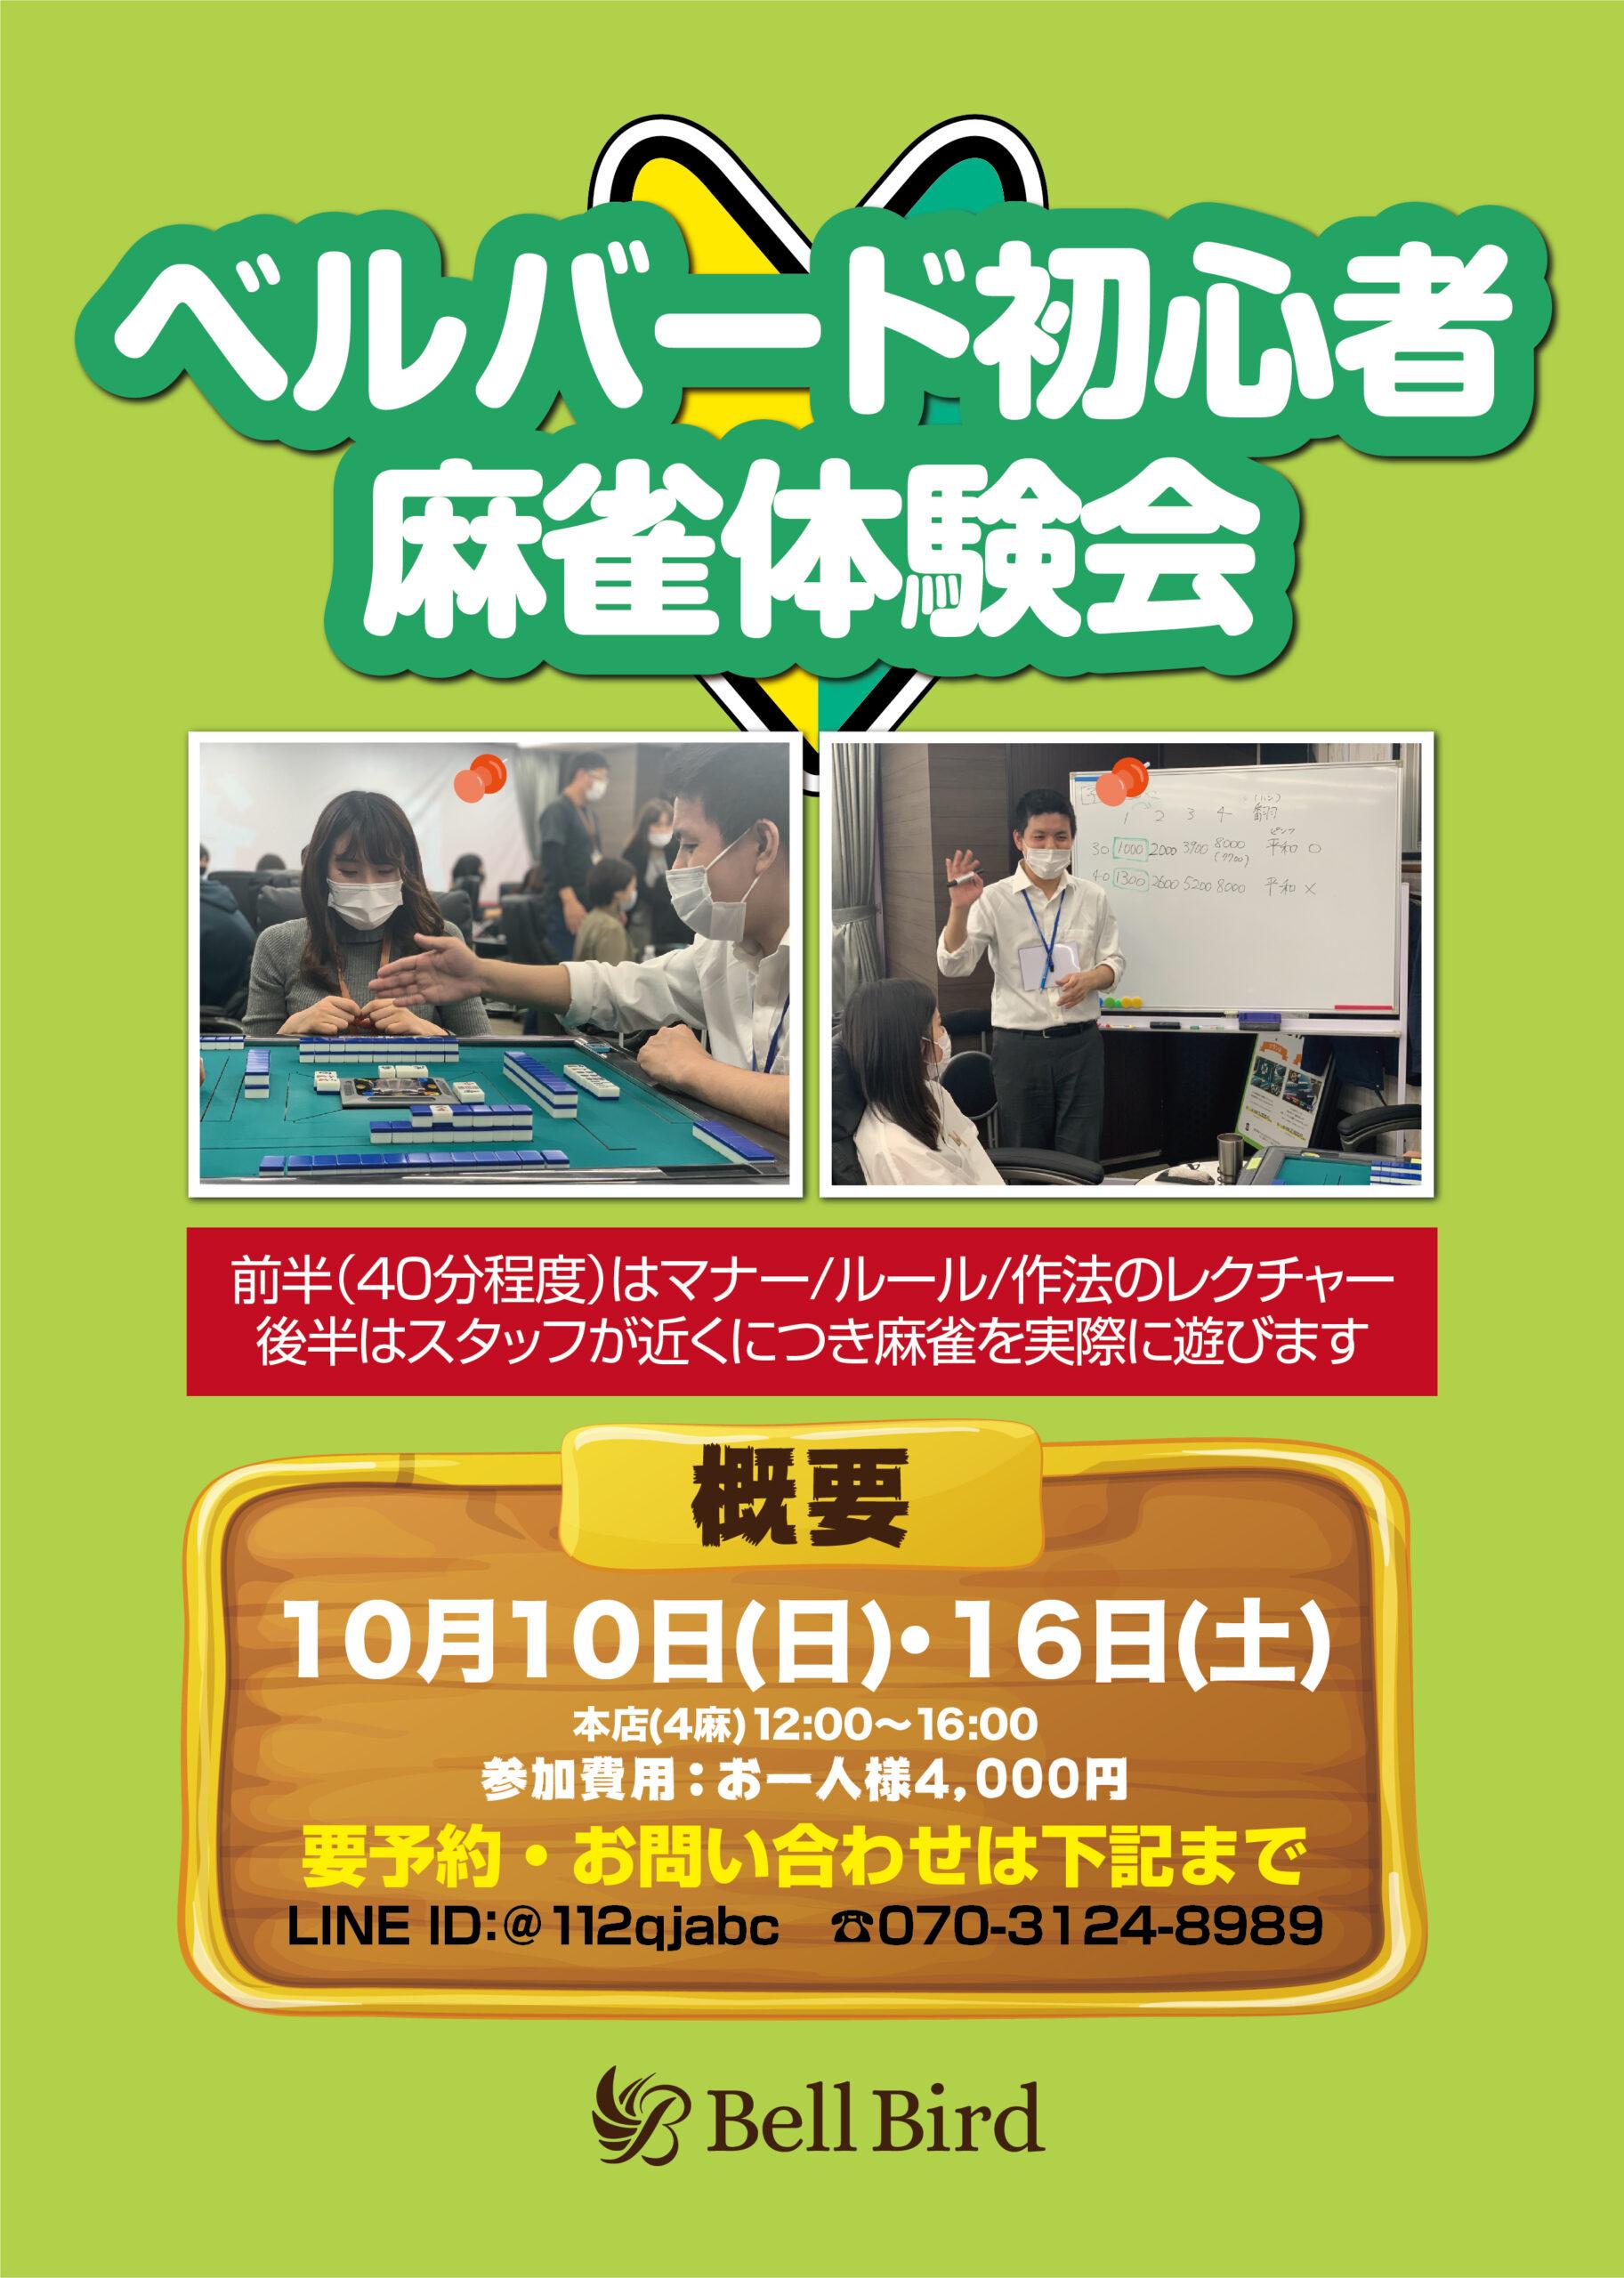 【体験会】10月ベルバード初心者麻雀体験会開催!